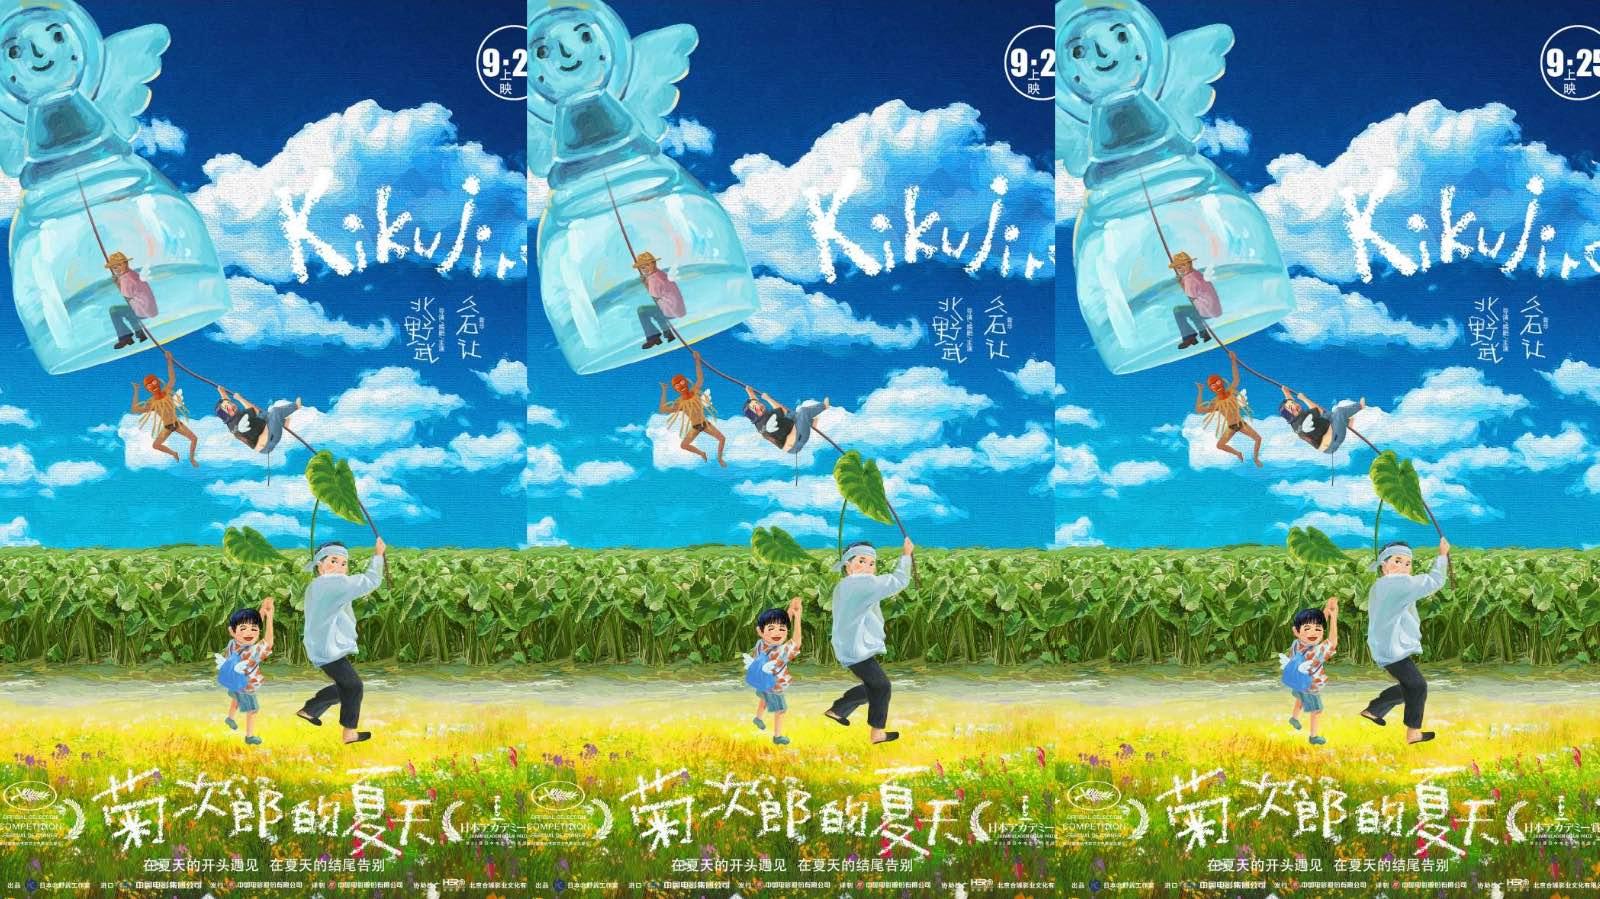 《菊次郎的夏天》定档9月25日曝双重惊喜,黄海操刀中国版海报定格夏日温情瞬间